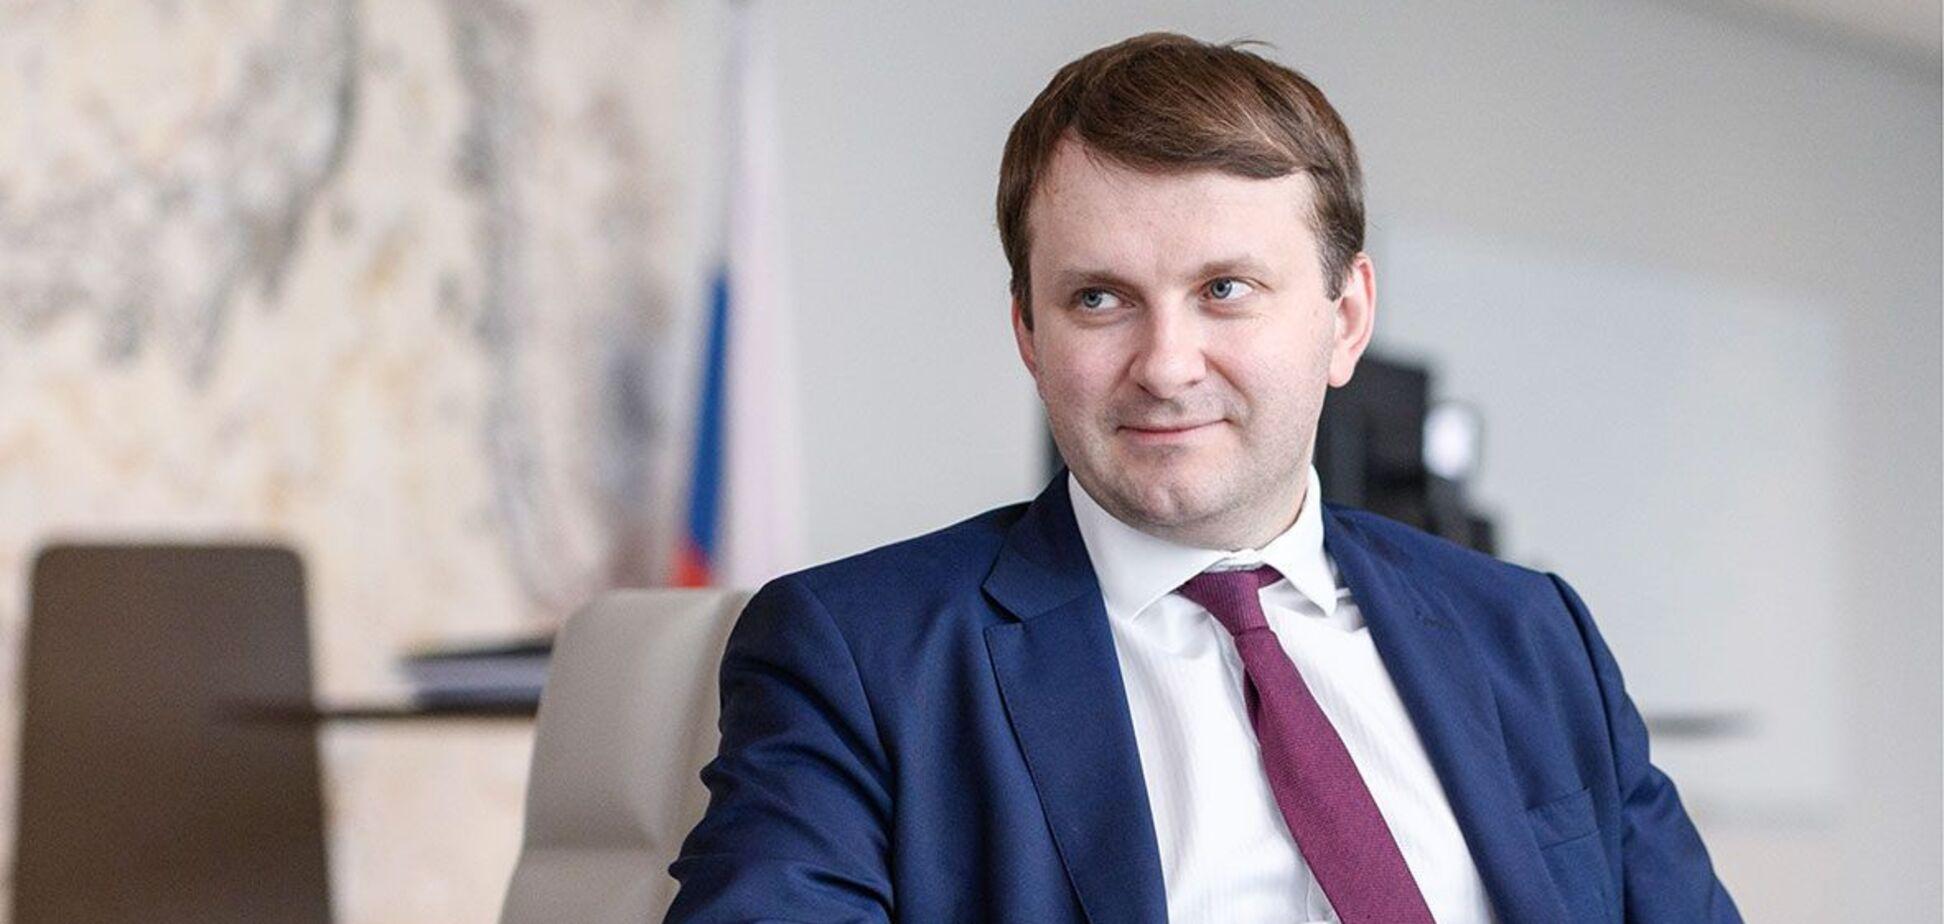 Помічник президента Росії Володимира Путіна Максим Орєшкін